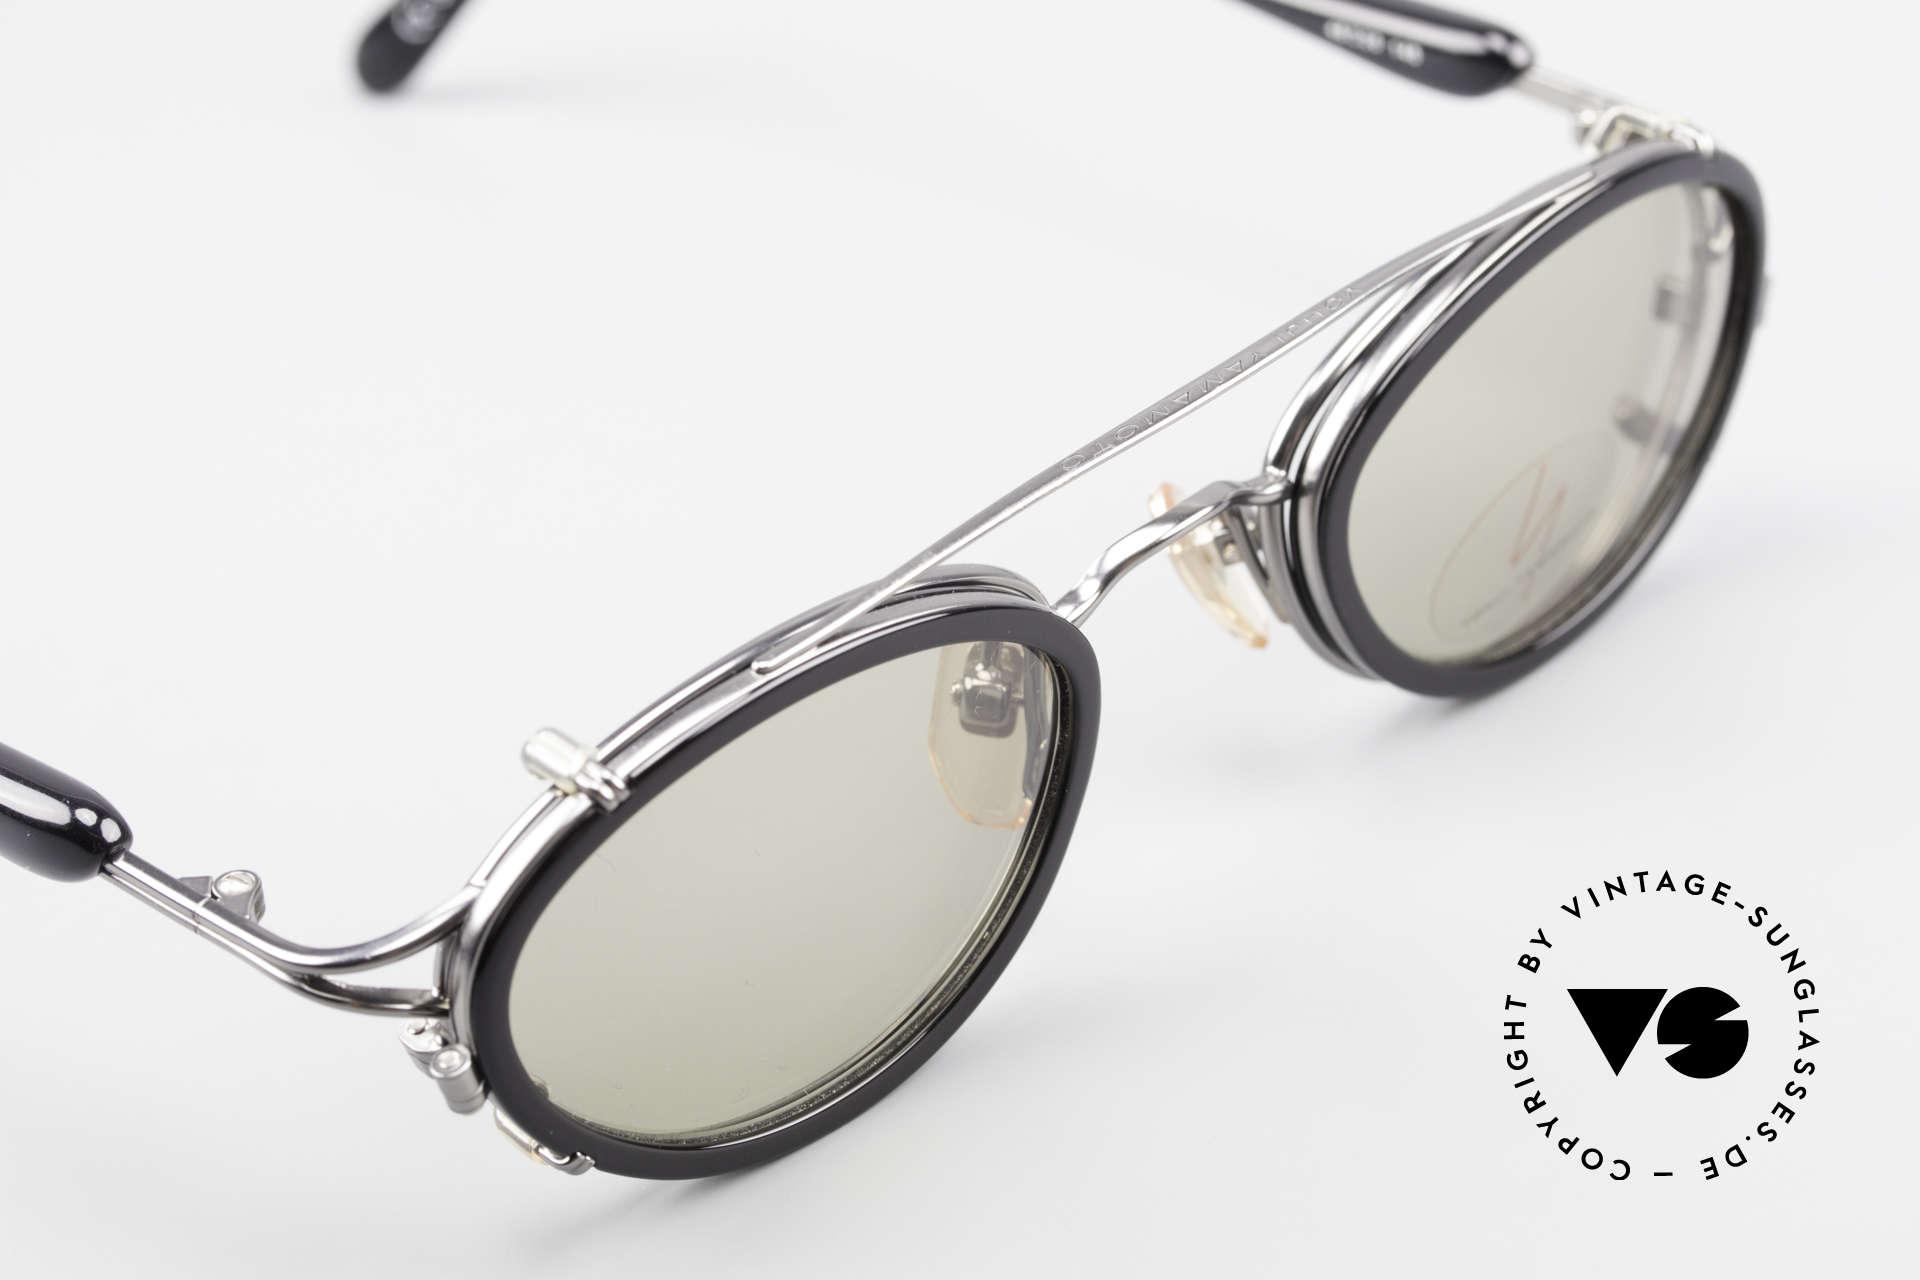 Yohji Yamamoto 51-7210 No Retro Brille Clip-On 90er, die Fassung kann natürlich beliebig verglast werden, Passend für Herren und Damen